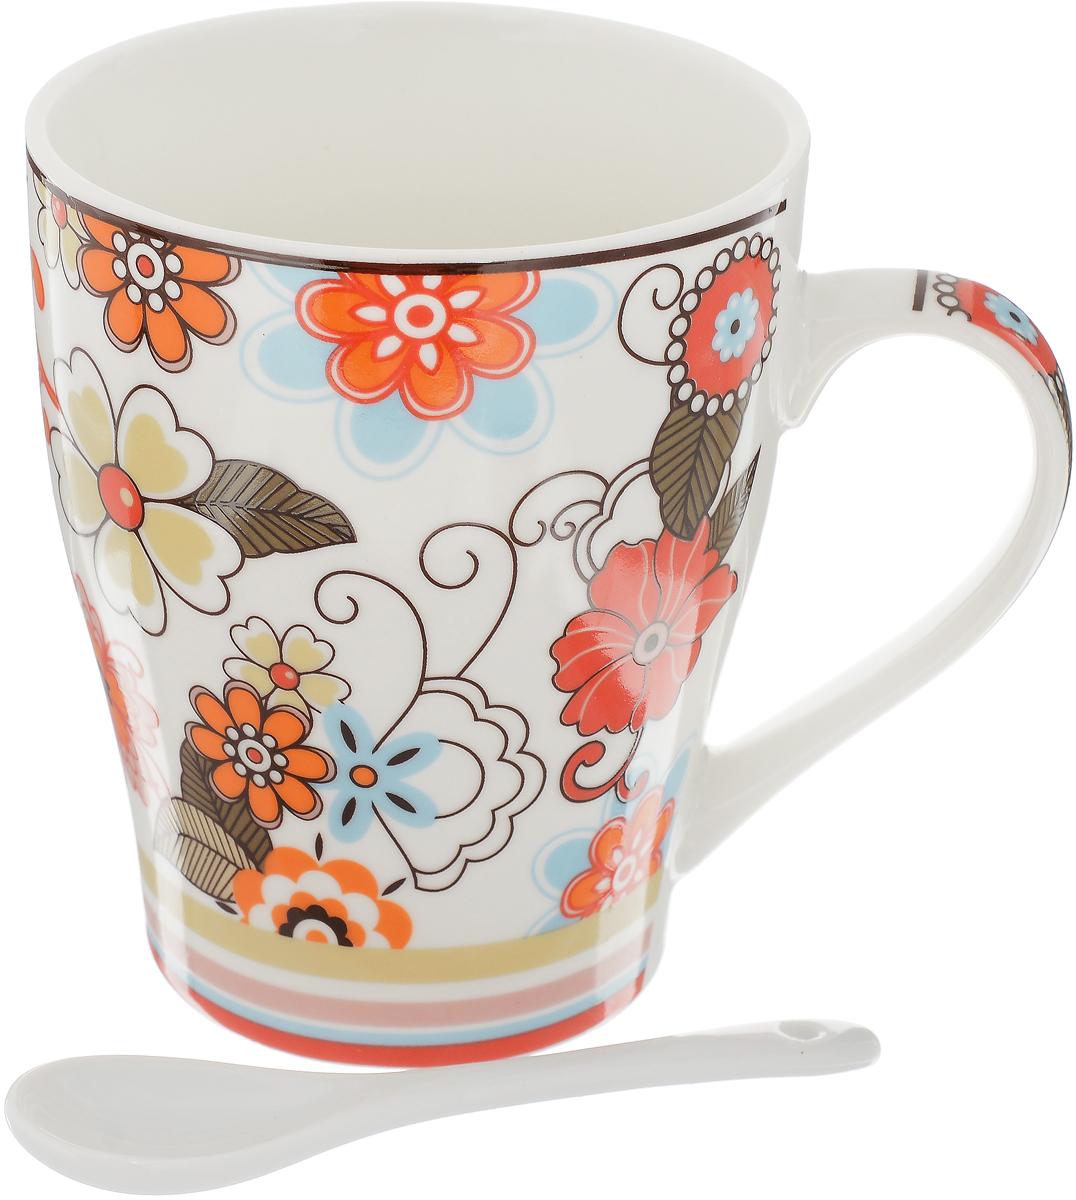 Кружка Доляна Мария, с ложкой,300 мл103082_белый, оранжевыйКружка Доляна Мария изготовлена из высококачественной керамики. Изделие оформлено красочным рисунком и покрыто превосходной сверкающей глазурью. Изысканная кружка прекрасно оформит стол к чаепитию и станет его неизменным атрибутом.В комплект входит чайная ложка.